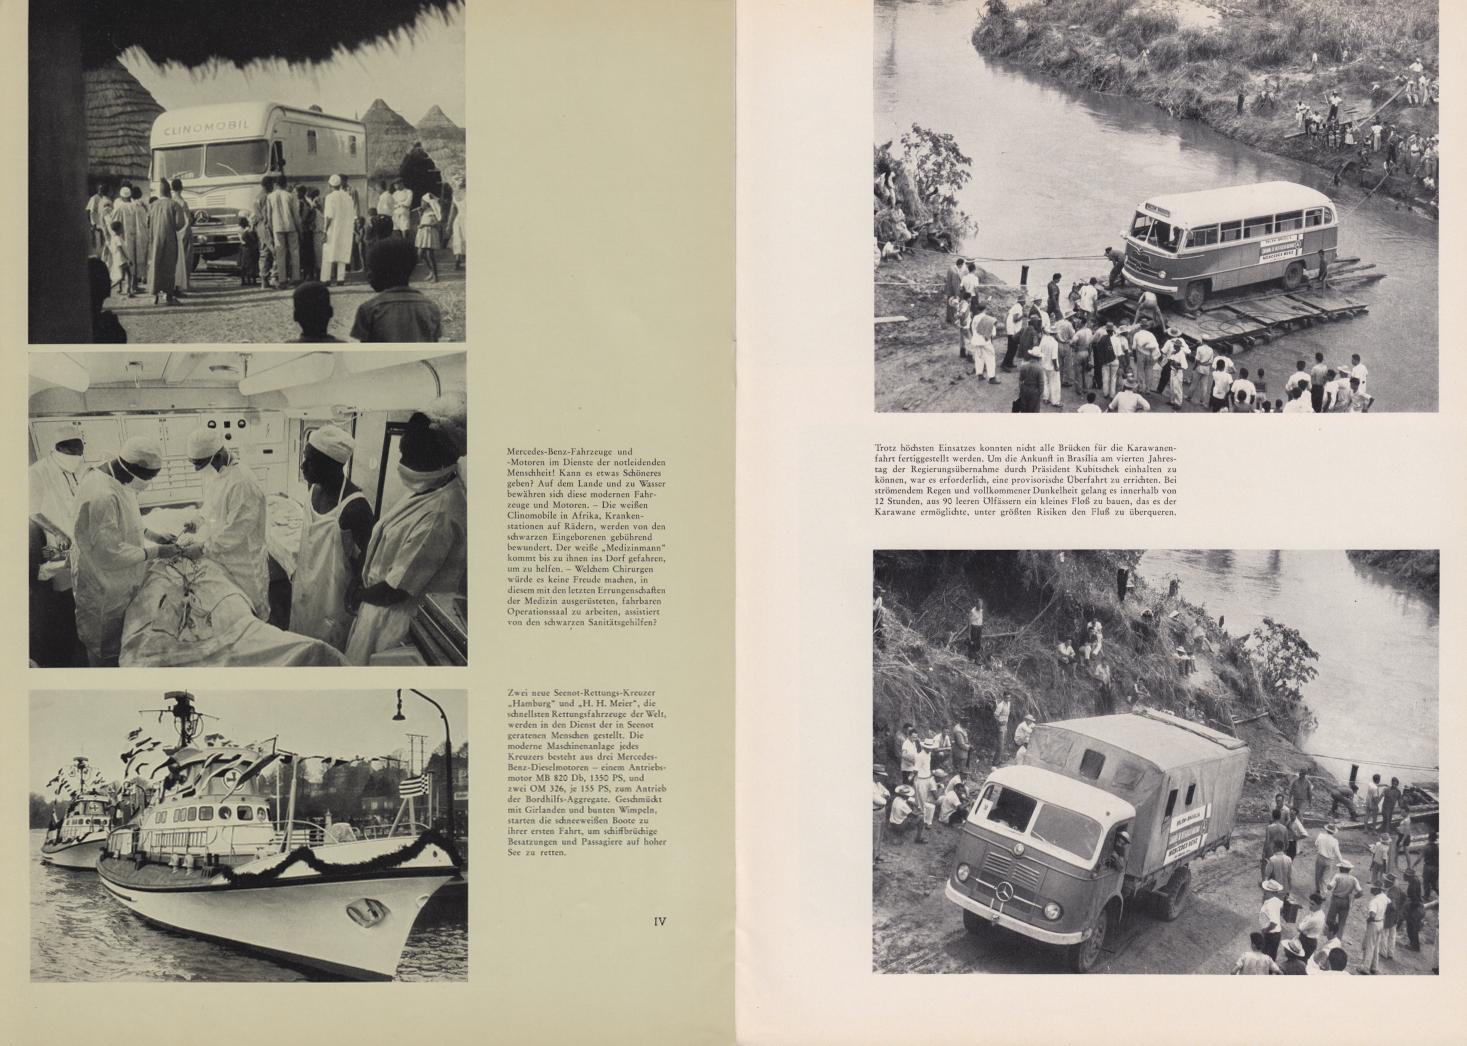 (REVISTA): Periódico In aller welt n.º 42 - Mercedes-Benz no mundo - 1960 - multilingue - com imagens do Brasil e construção de Brasília 009